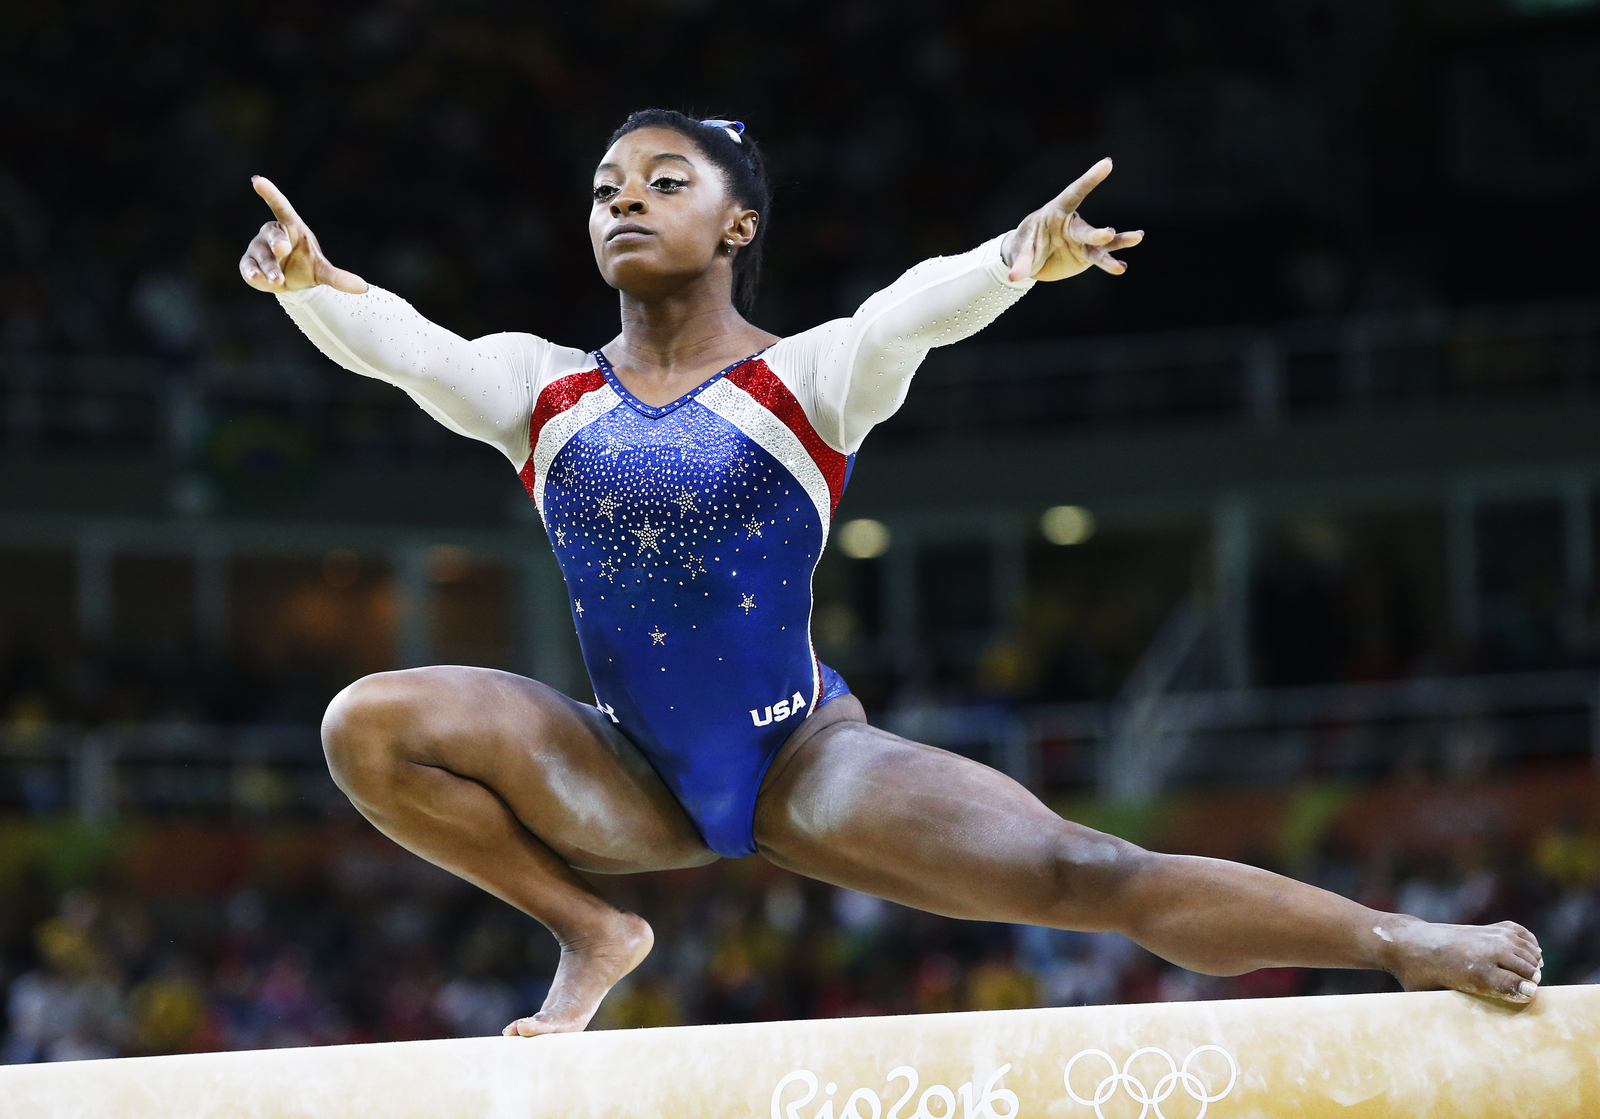 Симона Райз стала абсолютно олимпийской чемпионкой, победив в личном многоборье